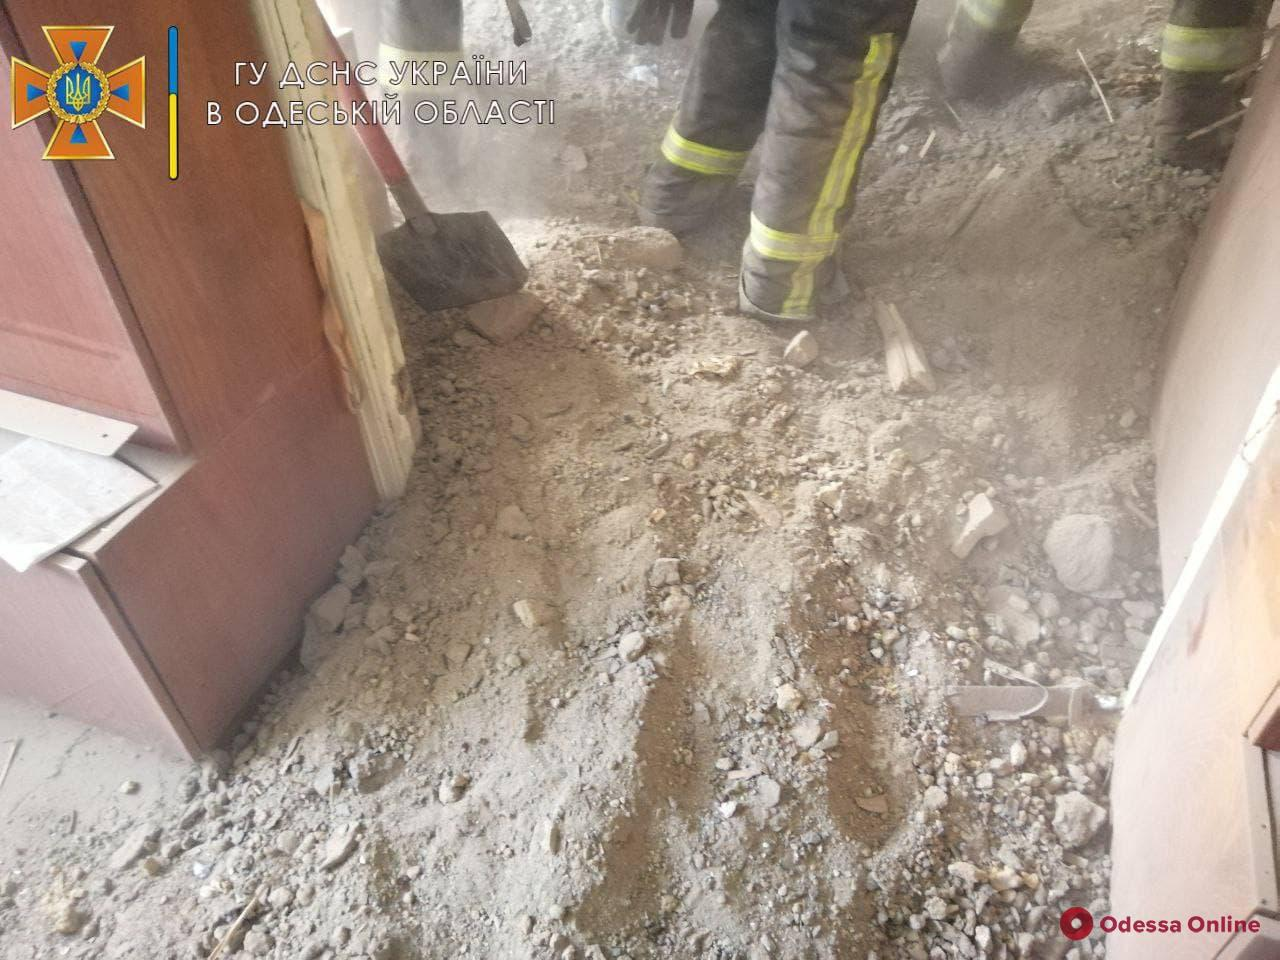 В жилом доме на Степовой обвалился потолок — под завалами может находиться хозяйка квартиры (фото, видео, обновляется)